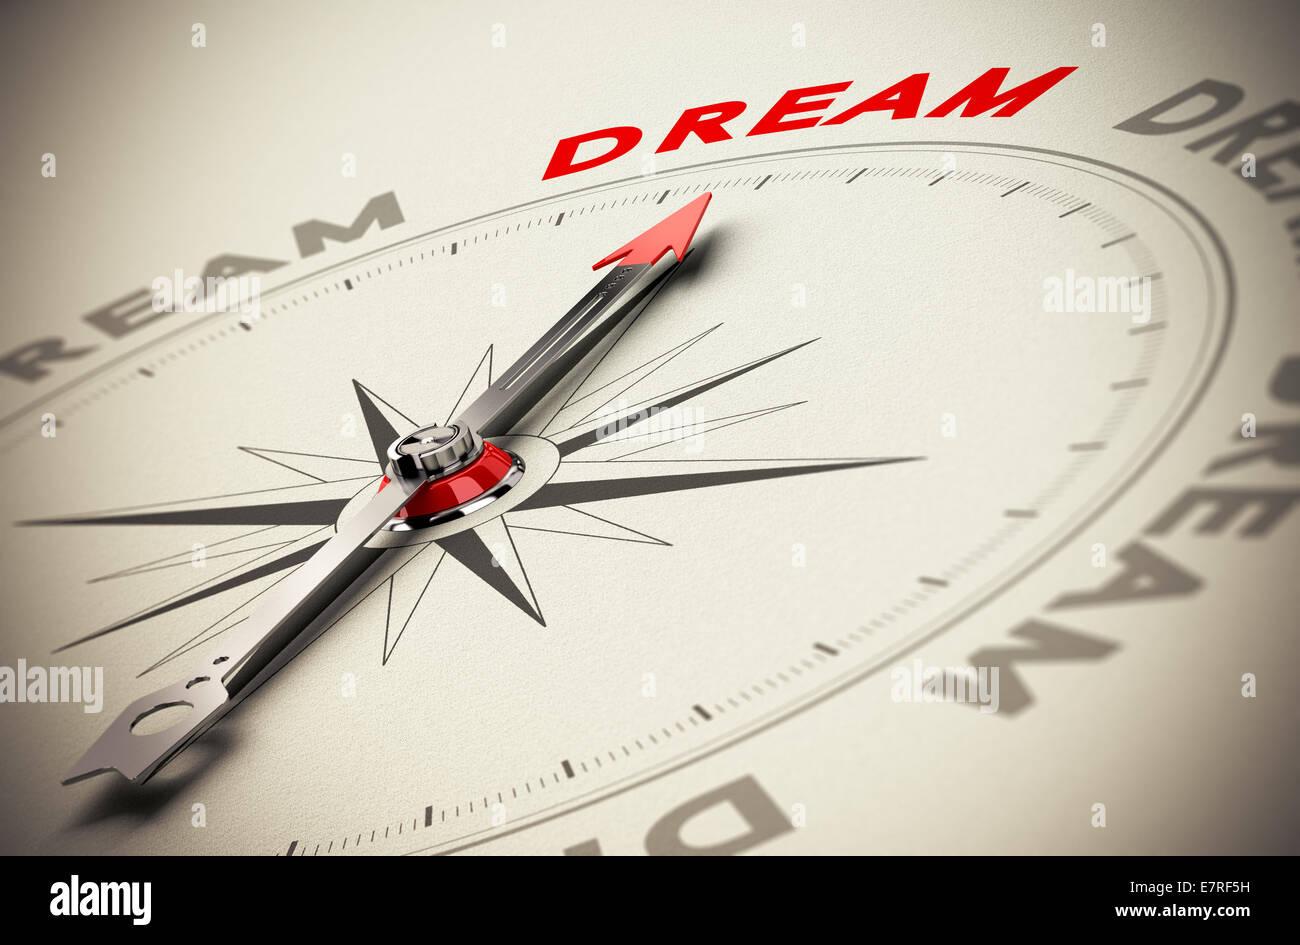 Boussole avec aiguille rouge indiquant le mot rêve, papier fond beige, symbole de la réalisation de rêves Photo Stock